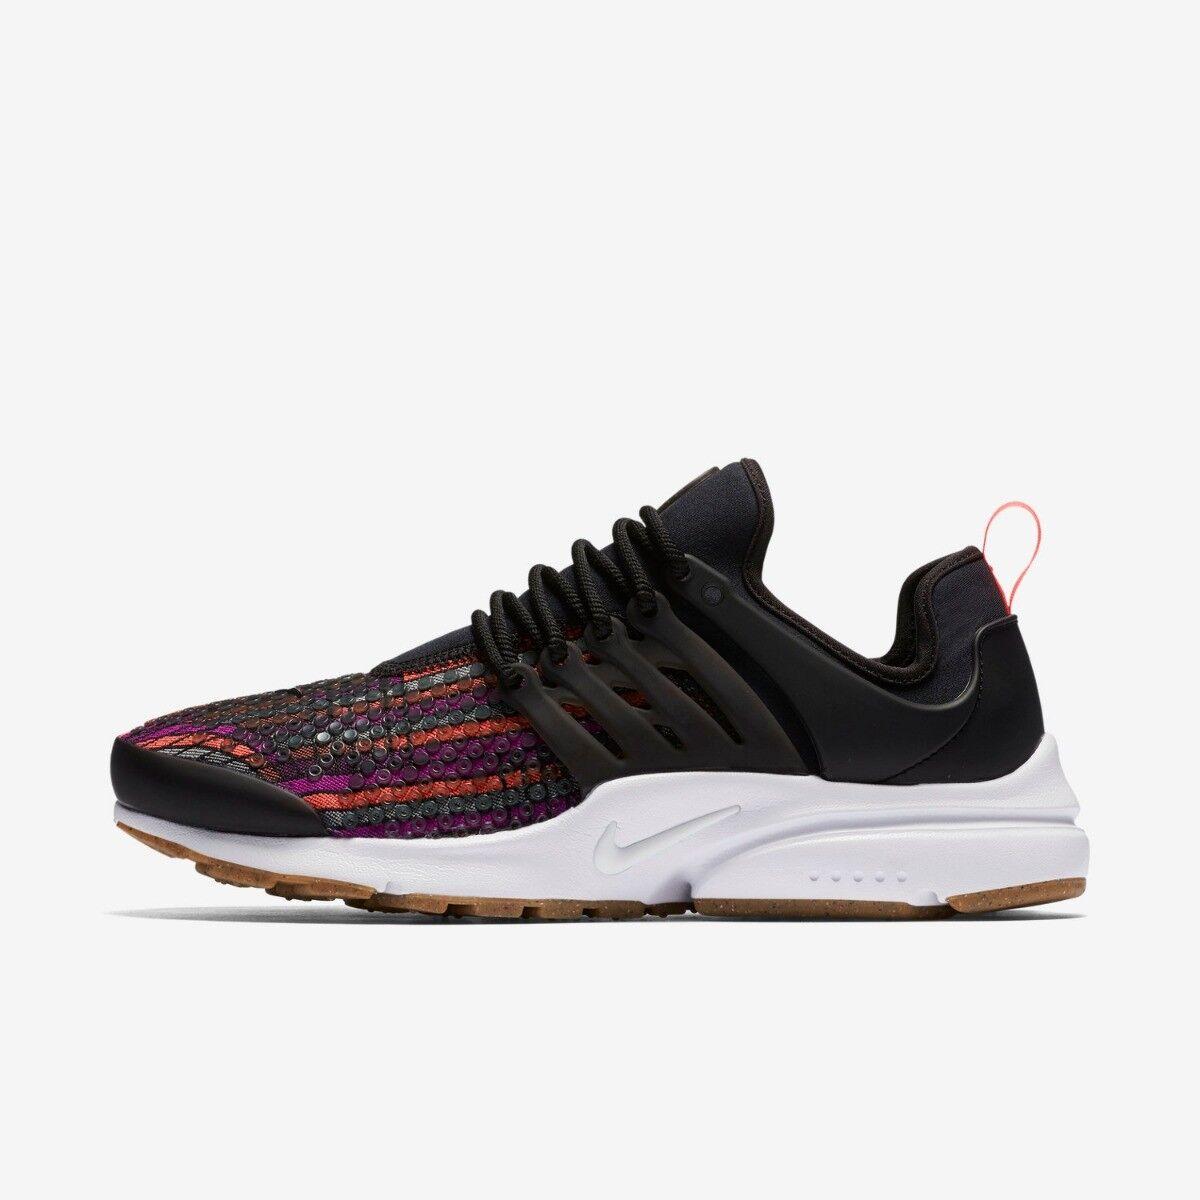 Nike Air prestor Jcrd Premium RUN NEGRO SEXY Lava Zapatilla de deporte